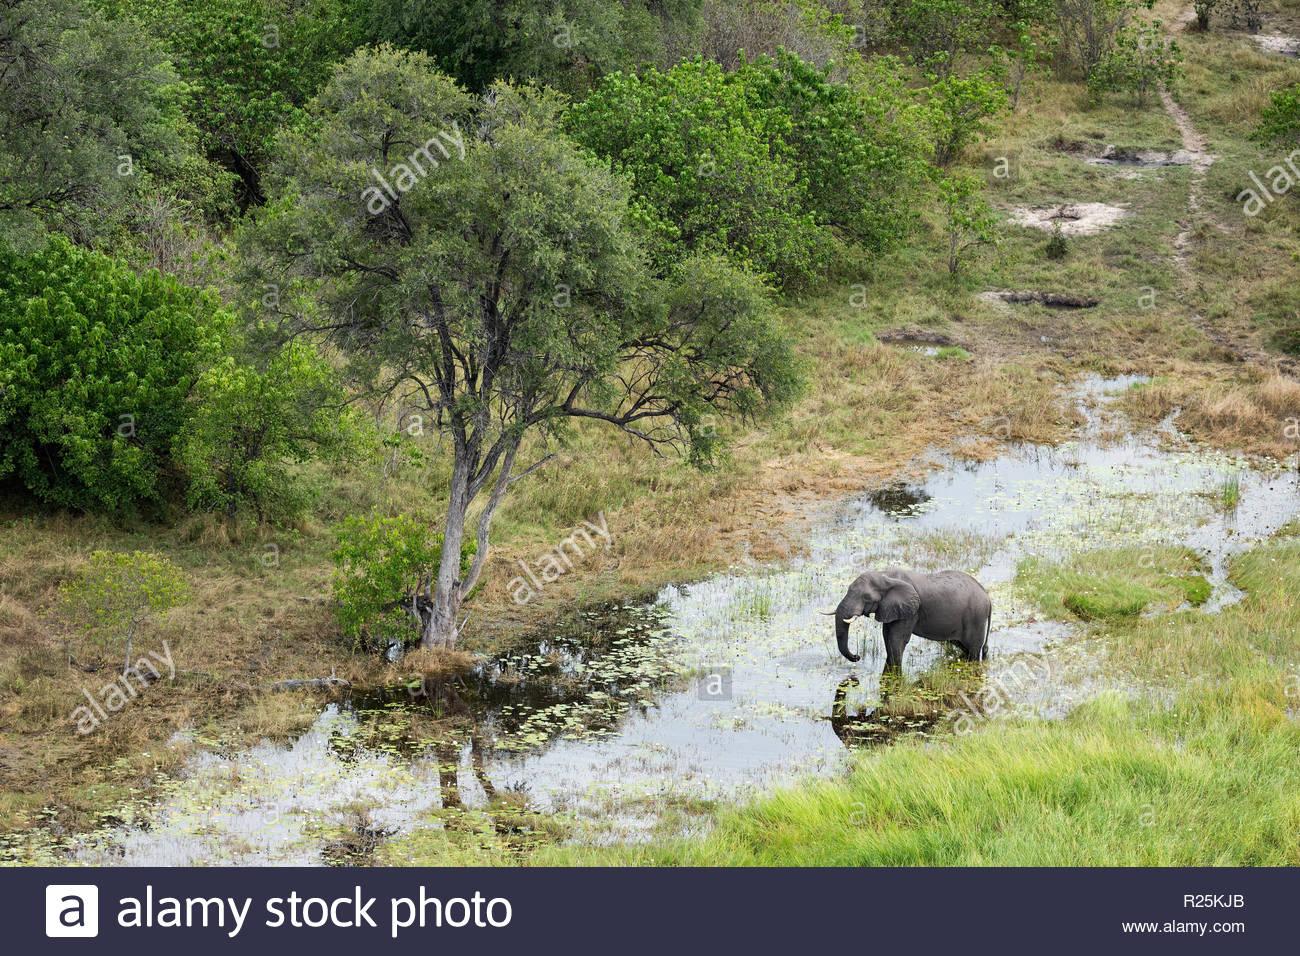 African Elephant (Loxodonta africana), Khwai, Botswana, Africa - Stock Image